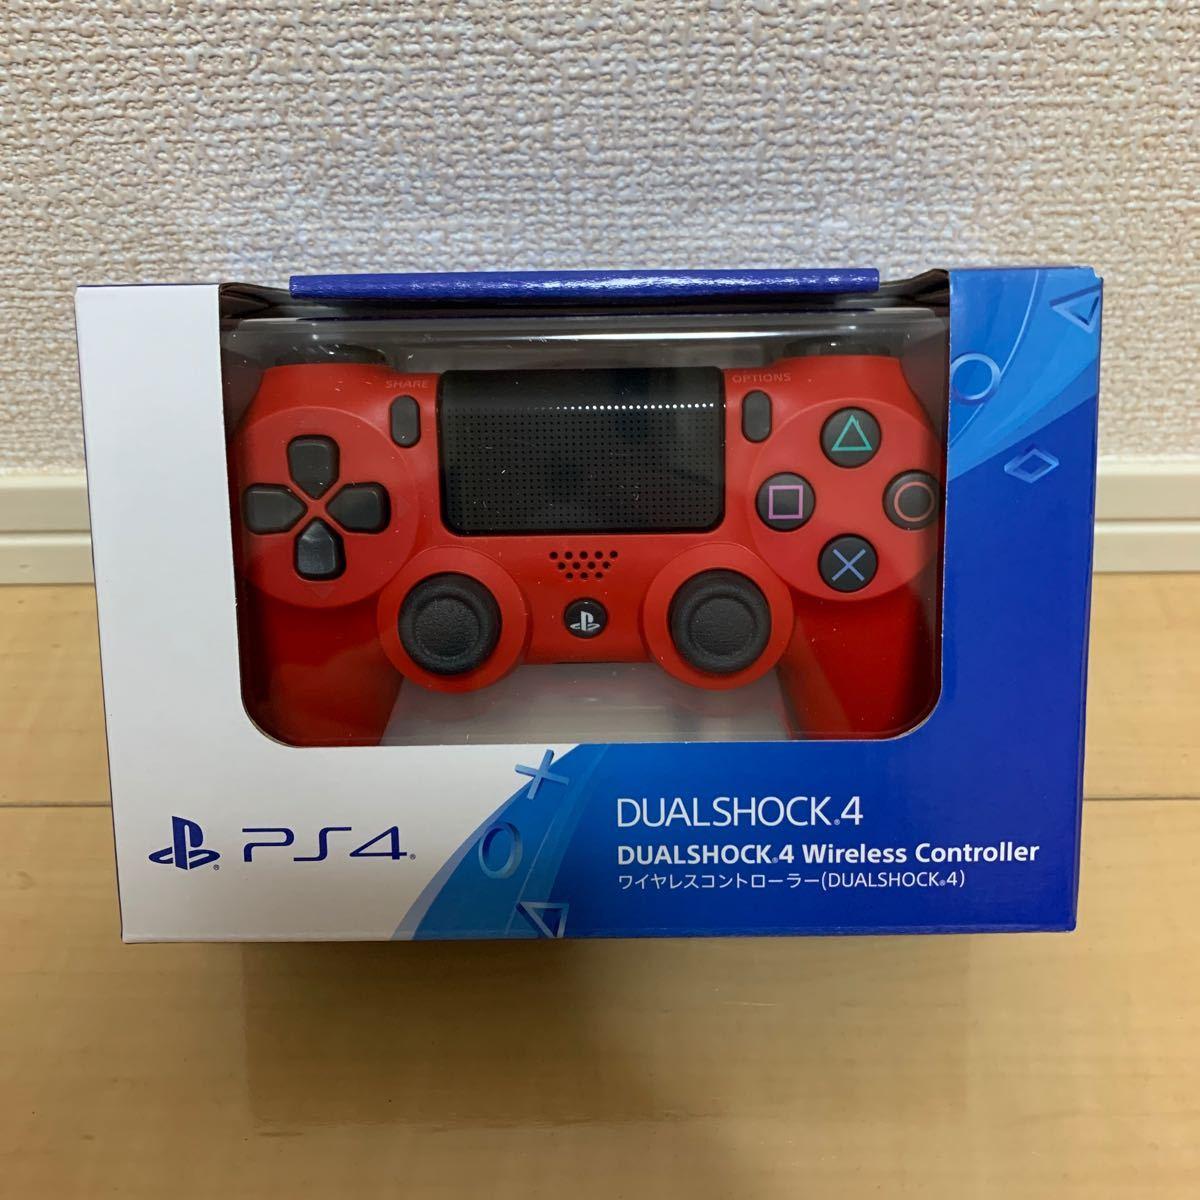 新品未使用品 PS4 ワイヤレスコントローラー(DUALSHOCK4) マグマ・レッド CUH-ZCT2J11